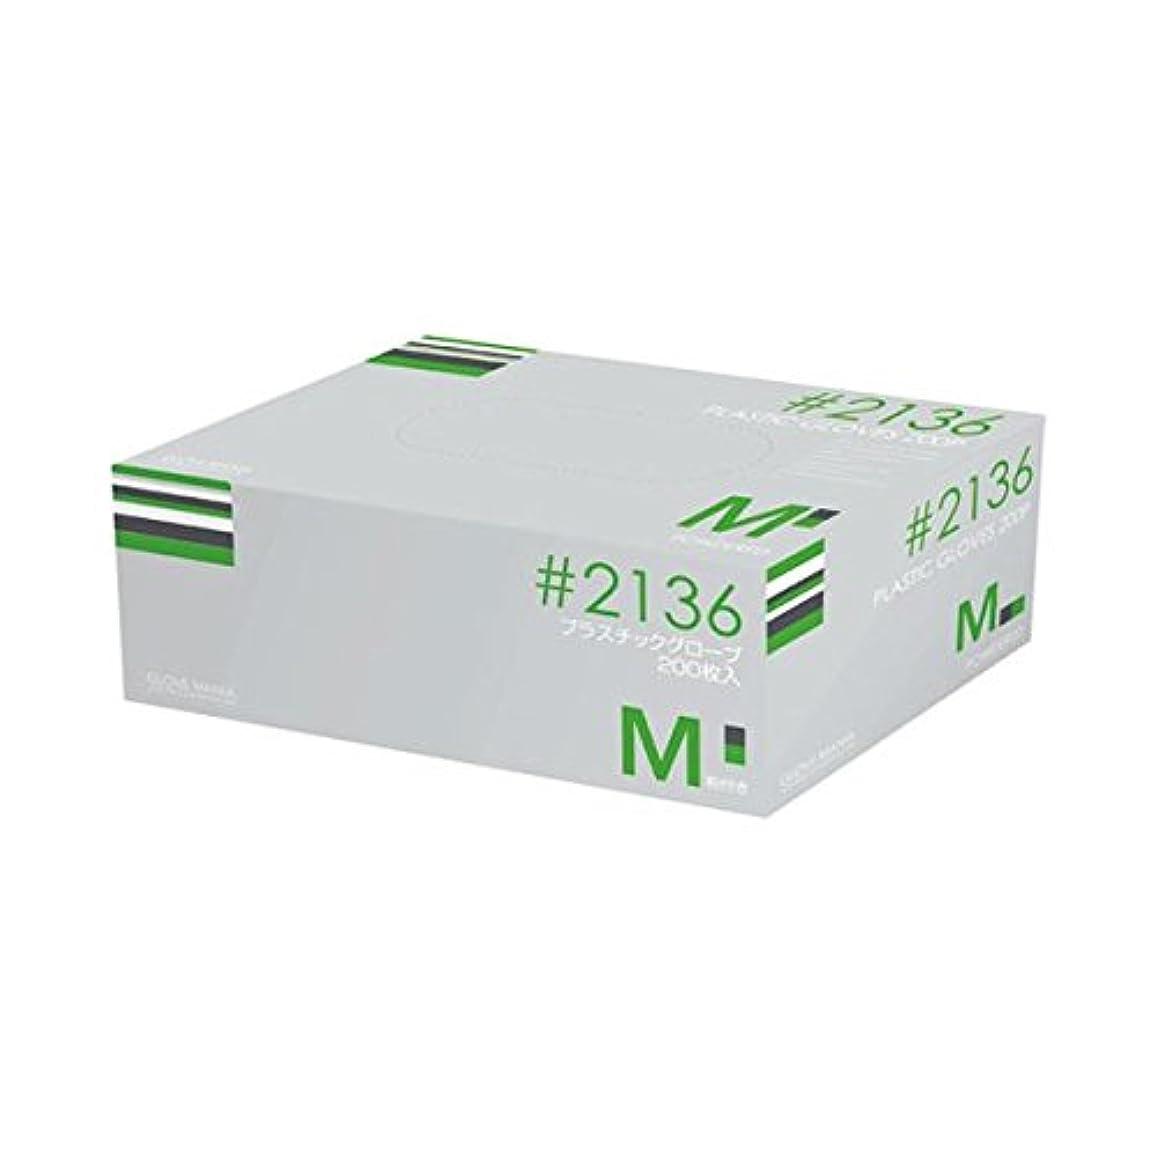 ローンどうやらさらに川西工業 プラスティックグローブ #2136 M 粉付 15箱 ダイエット 健康 衛生用品 その他の衛生用品 14067381 [並行輸入品]